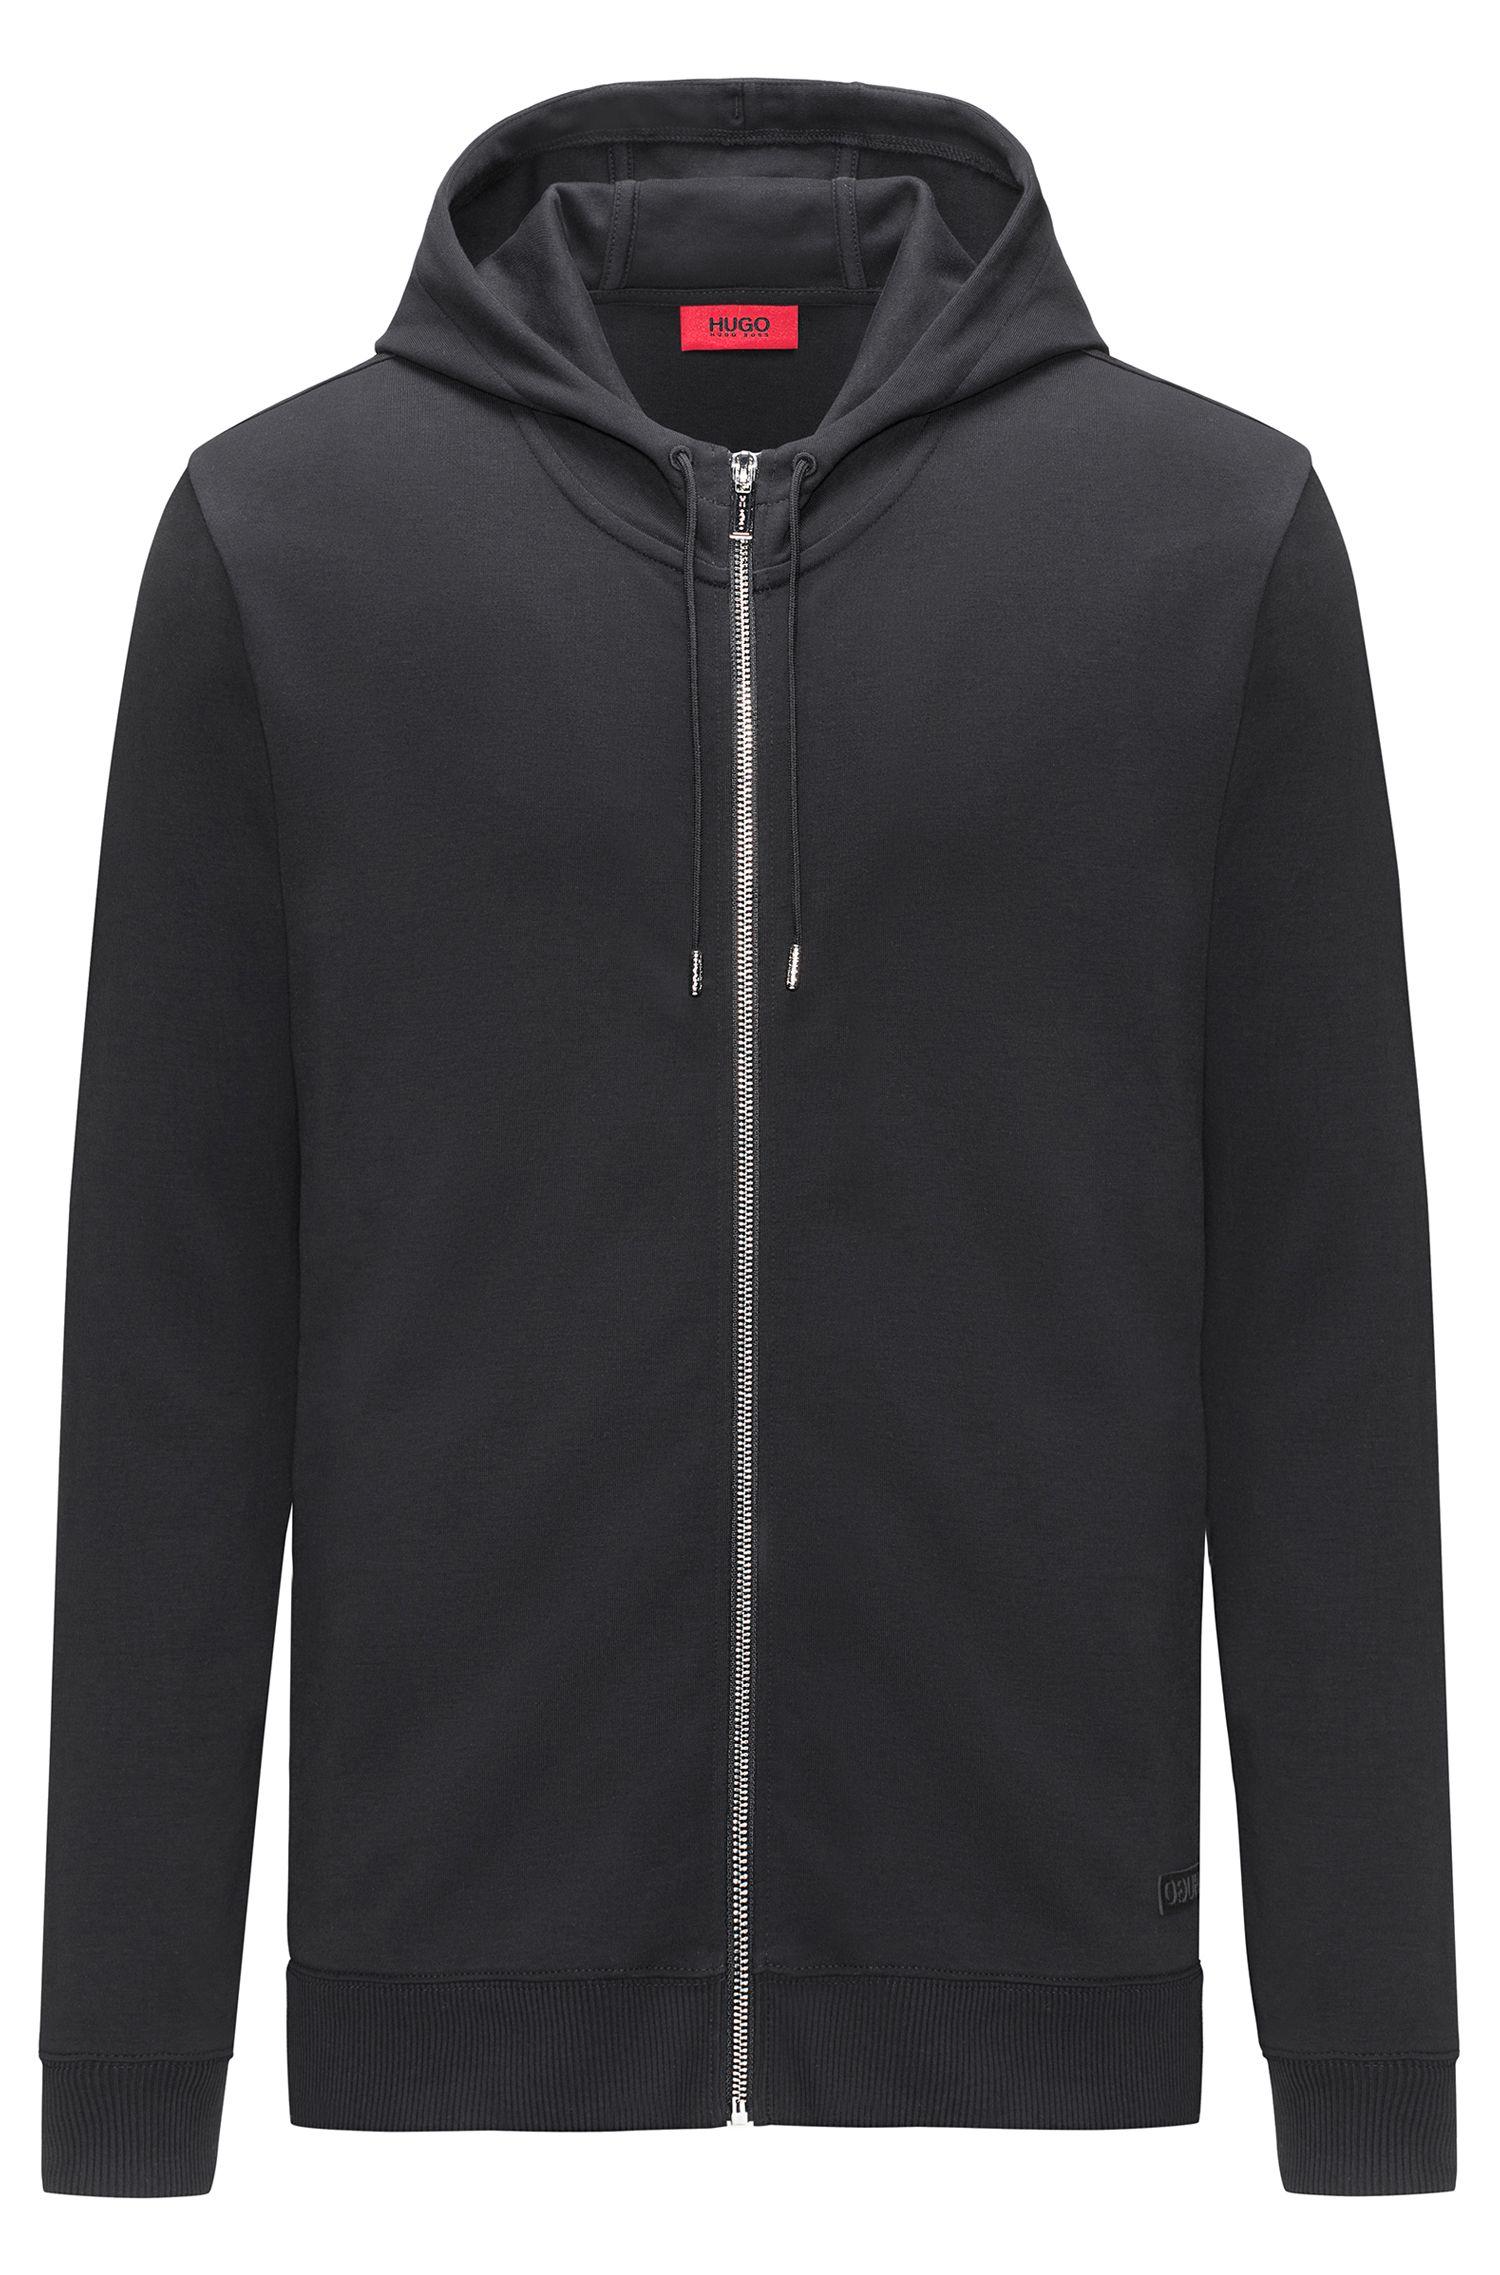 Maglione con cappuccio e zip integrale in cotone intrecciato